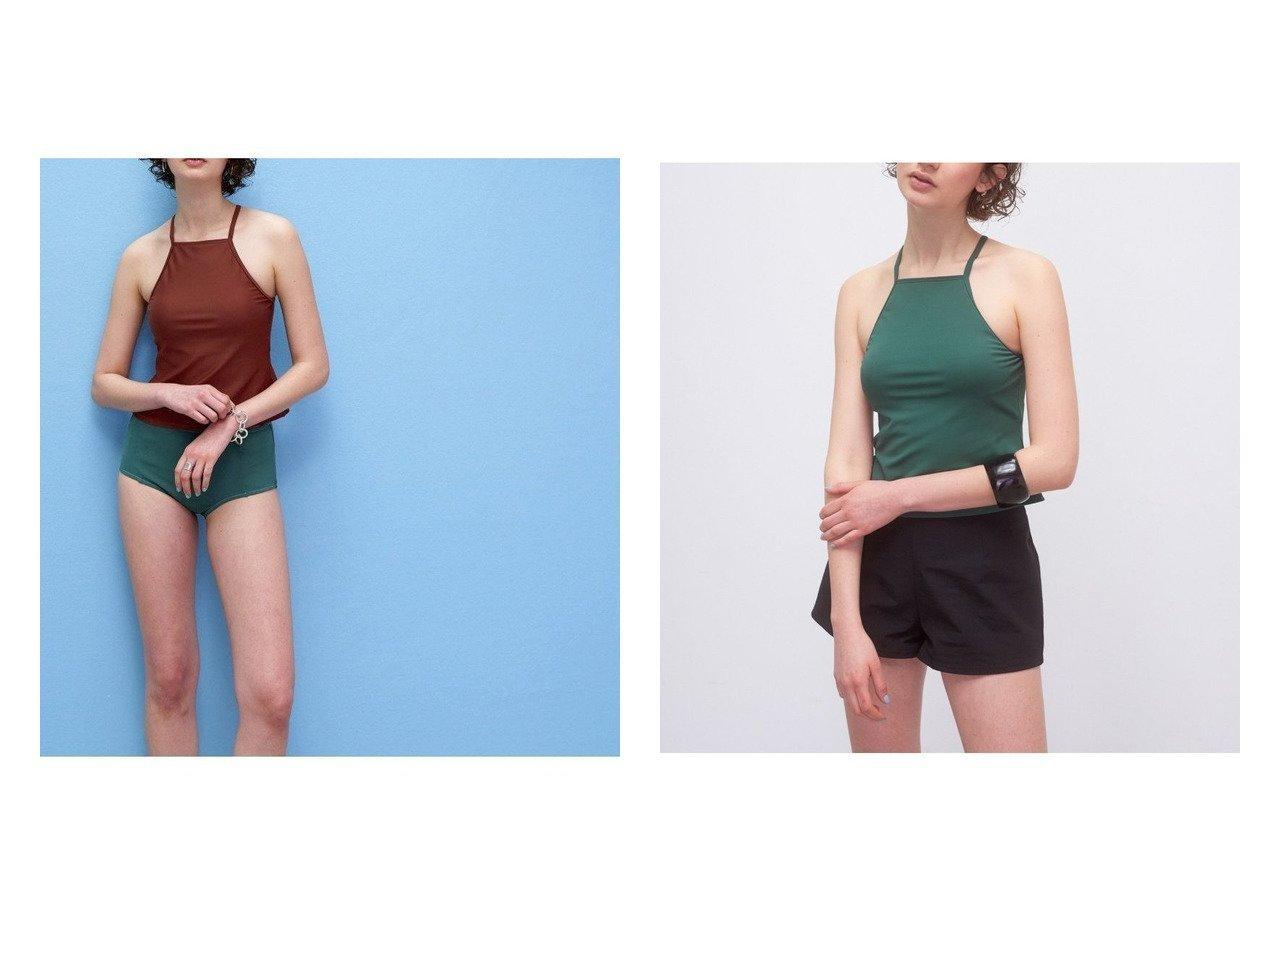 【URBAN RESEARCH/アーバンリサーチ】のSwim URBAN RESEARCH スイムアメリカンスリーブタンク おすすめ!人気、トレンド・レディースファッションの通販 おすすめで人気の流行・トレンド、ファッションの通販商品 インテリア・家具・メンズファッション・キッズファッション・レディースファッション・服の通販 founy(ファニー) https://founy.com/ ファッション Fashion レディースファッション WOMEN 水着 Swimwear 水着 Swimwear アメリカン ショーツ ショート シンプル スポーツ スリーブ タンク ベーシック 抗菌 水着 |ID:crp329100000064071